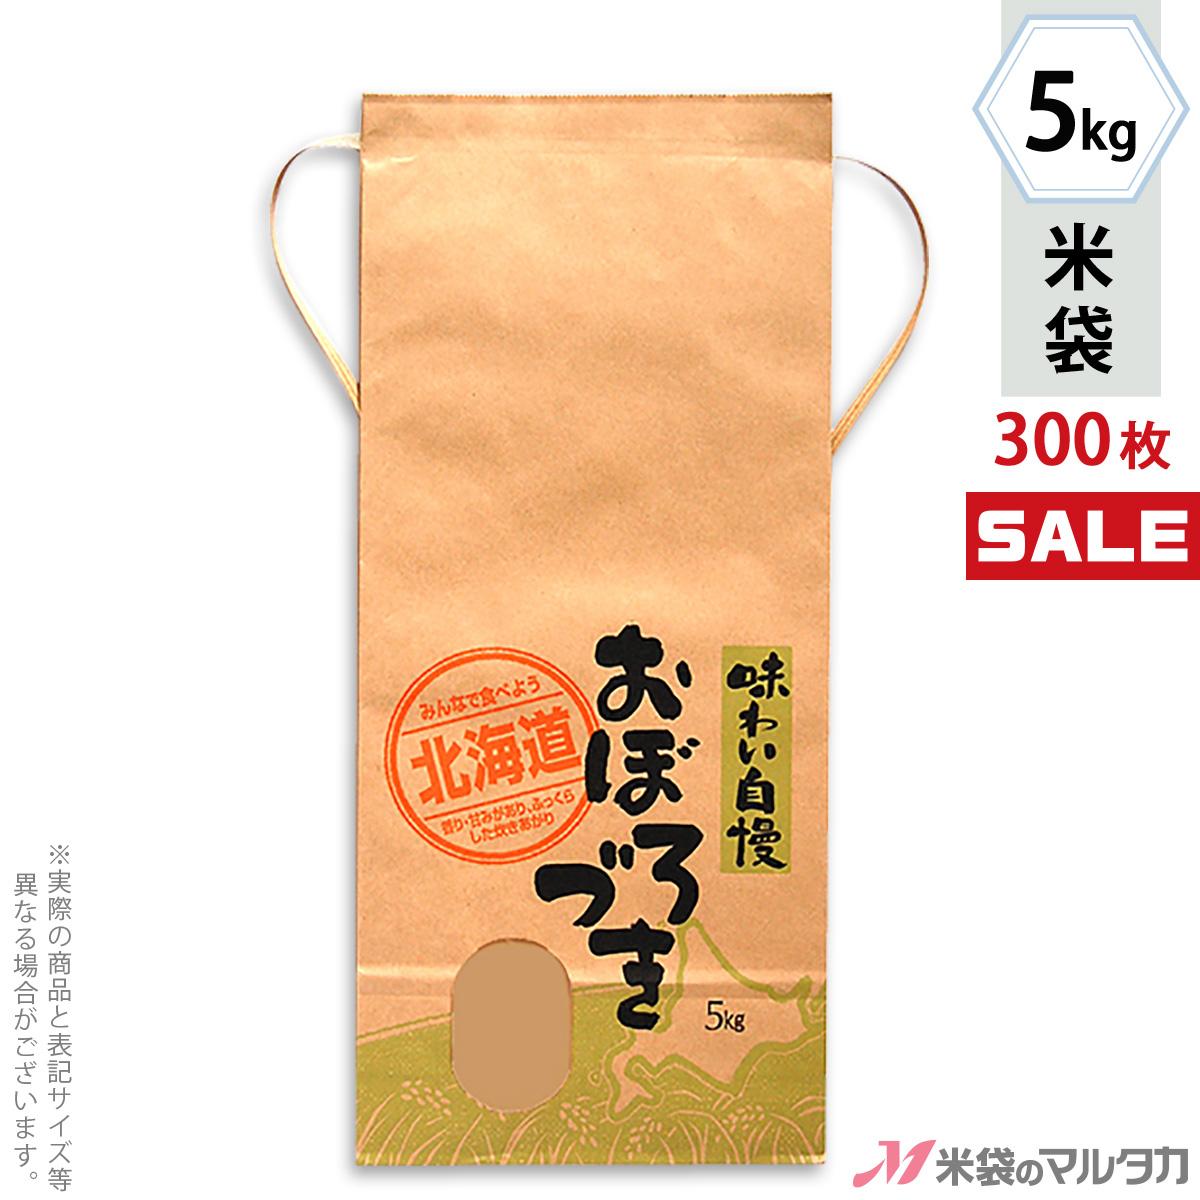 <キャンペーン対応>米袋 KH-0410 マルタカ クラフト 北海道産おぼろづき 道産子米 窓付 角底 5kg用紐付 【米袋 5kg】【1ケース(300枚入)】